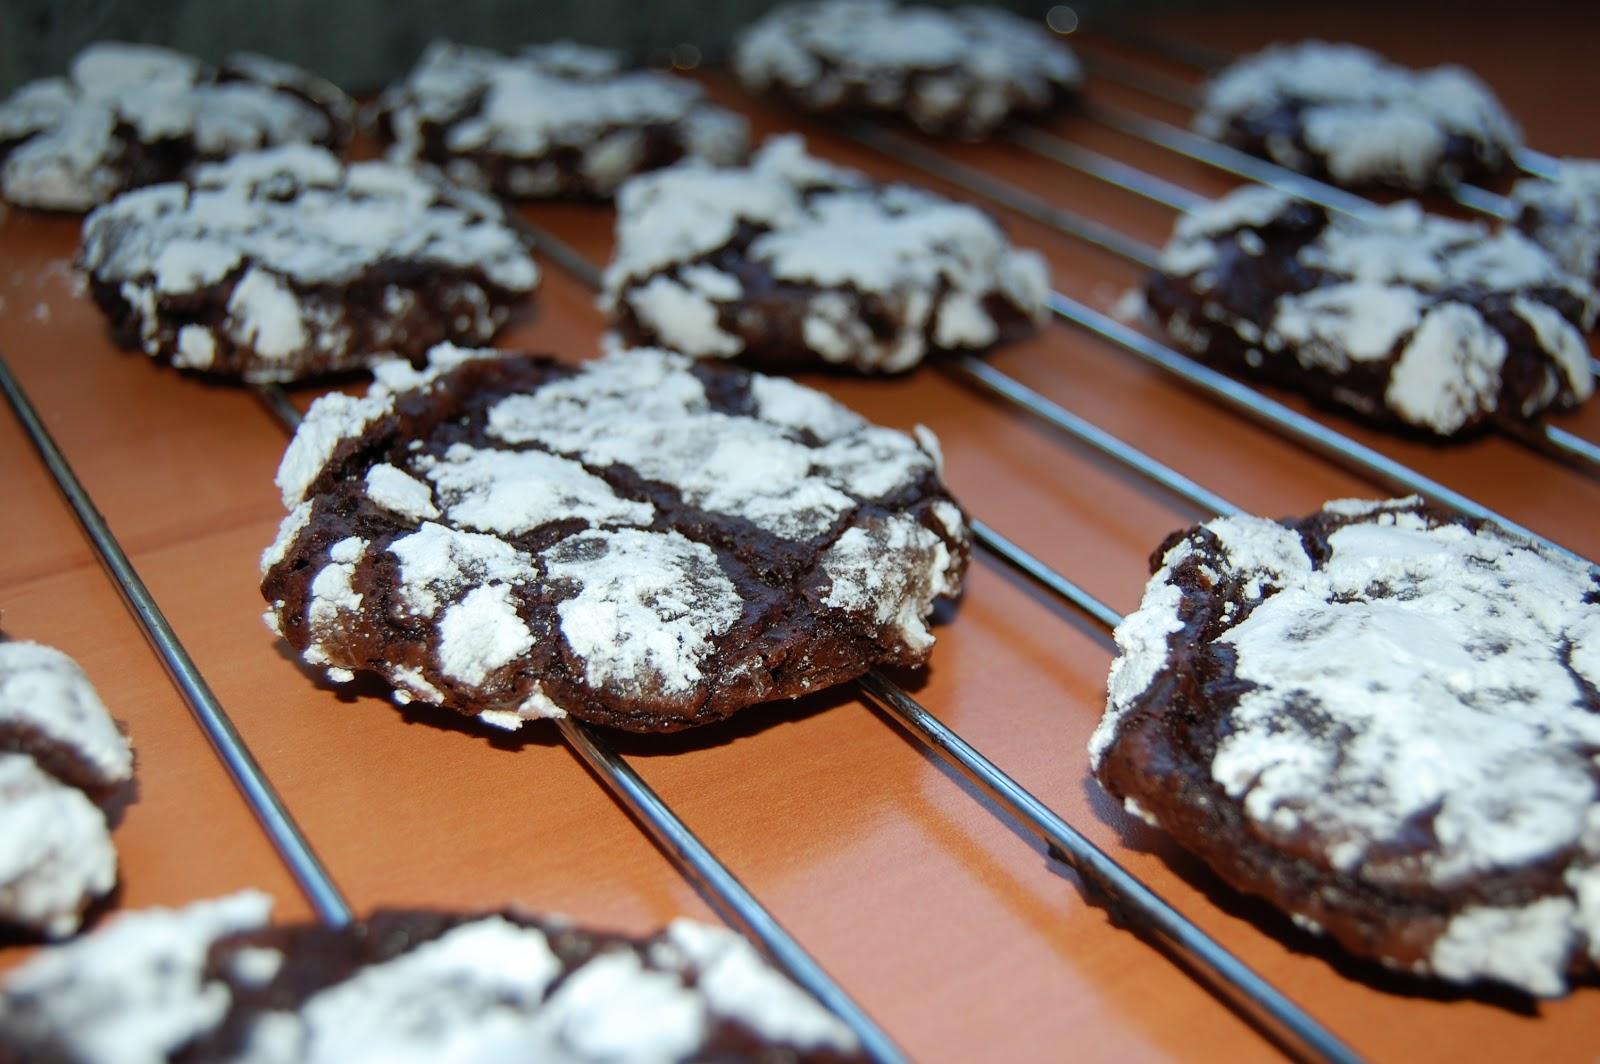 http://azucarenmicocina.blogspot.com.es/2012/11/galletas-explosion-de-chocolate.html